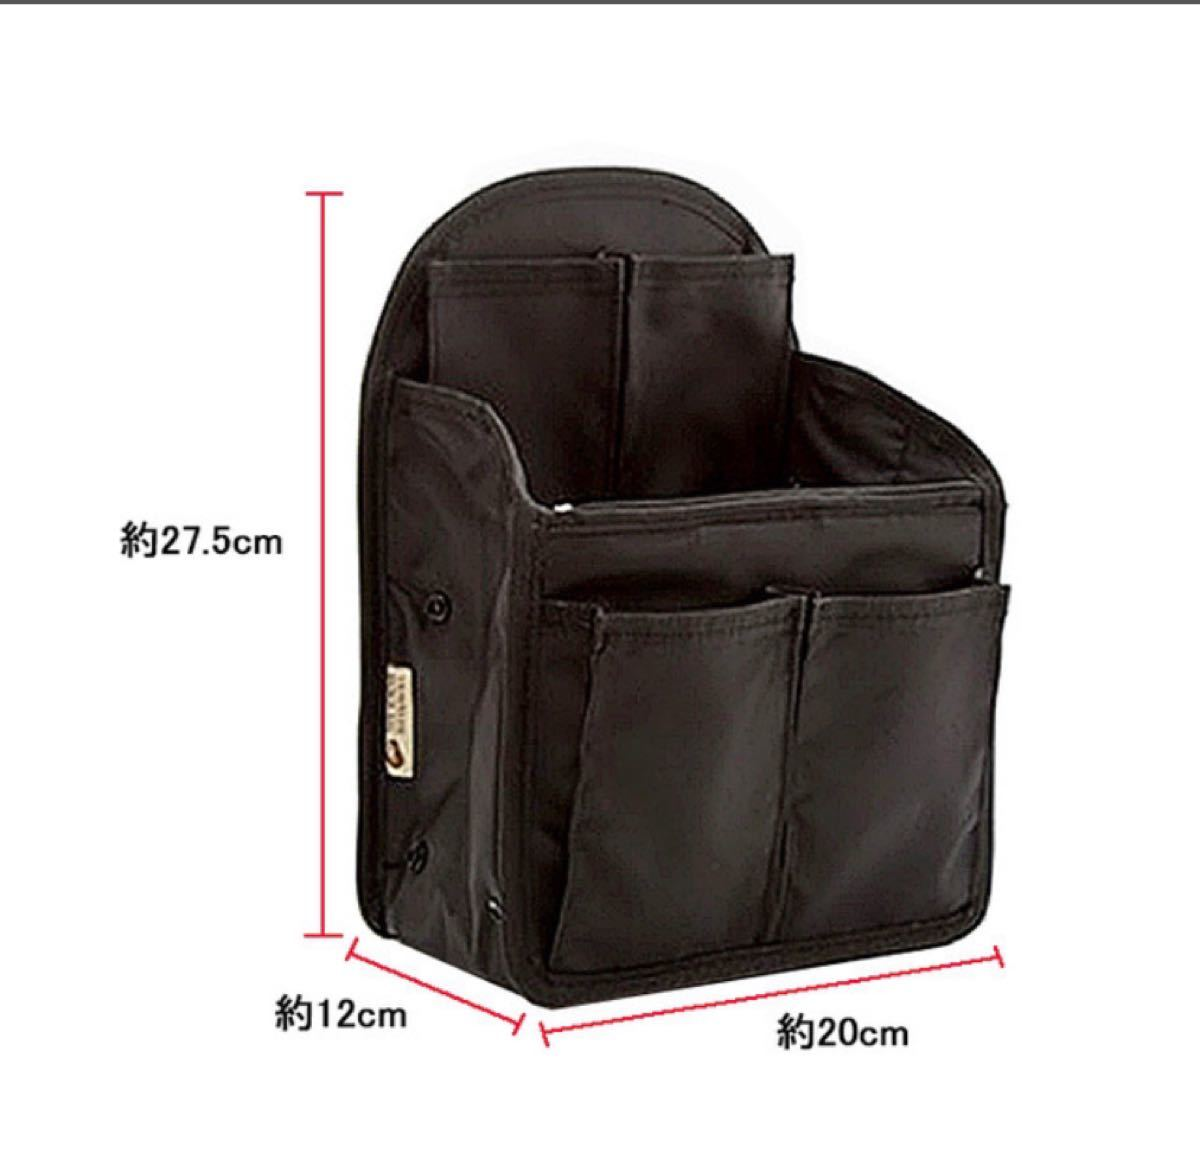 リュックインバッグ 整理 インナーバッグ インバッグ バッグインバッグ 大容量